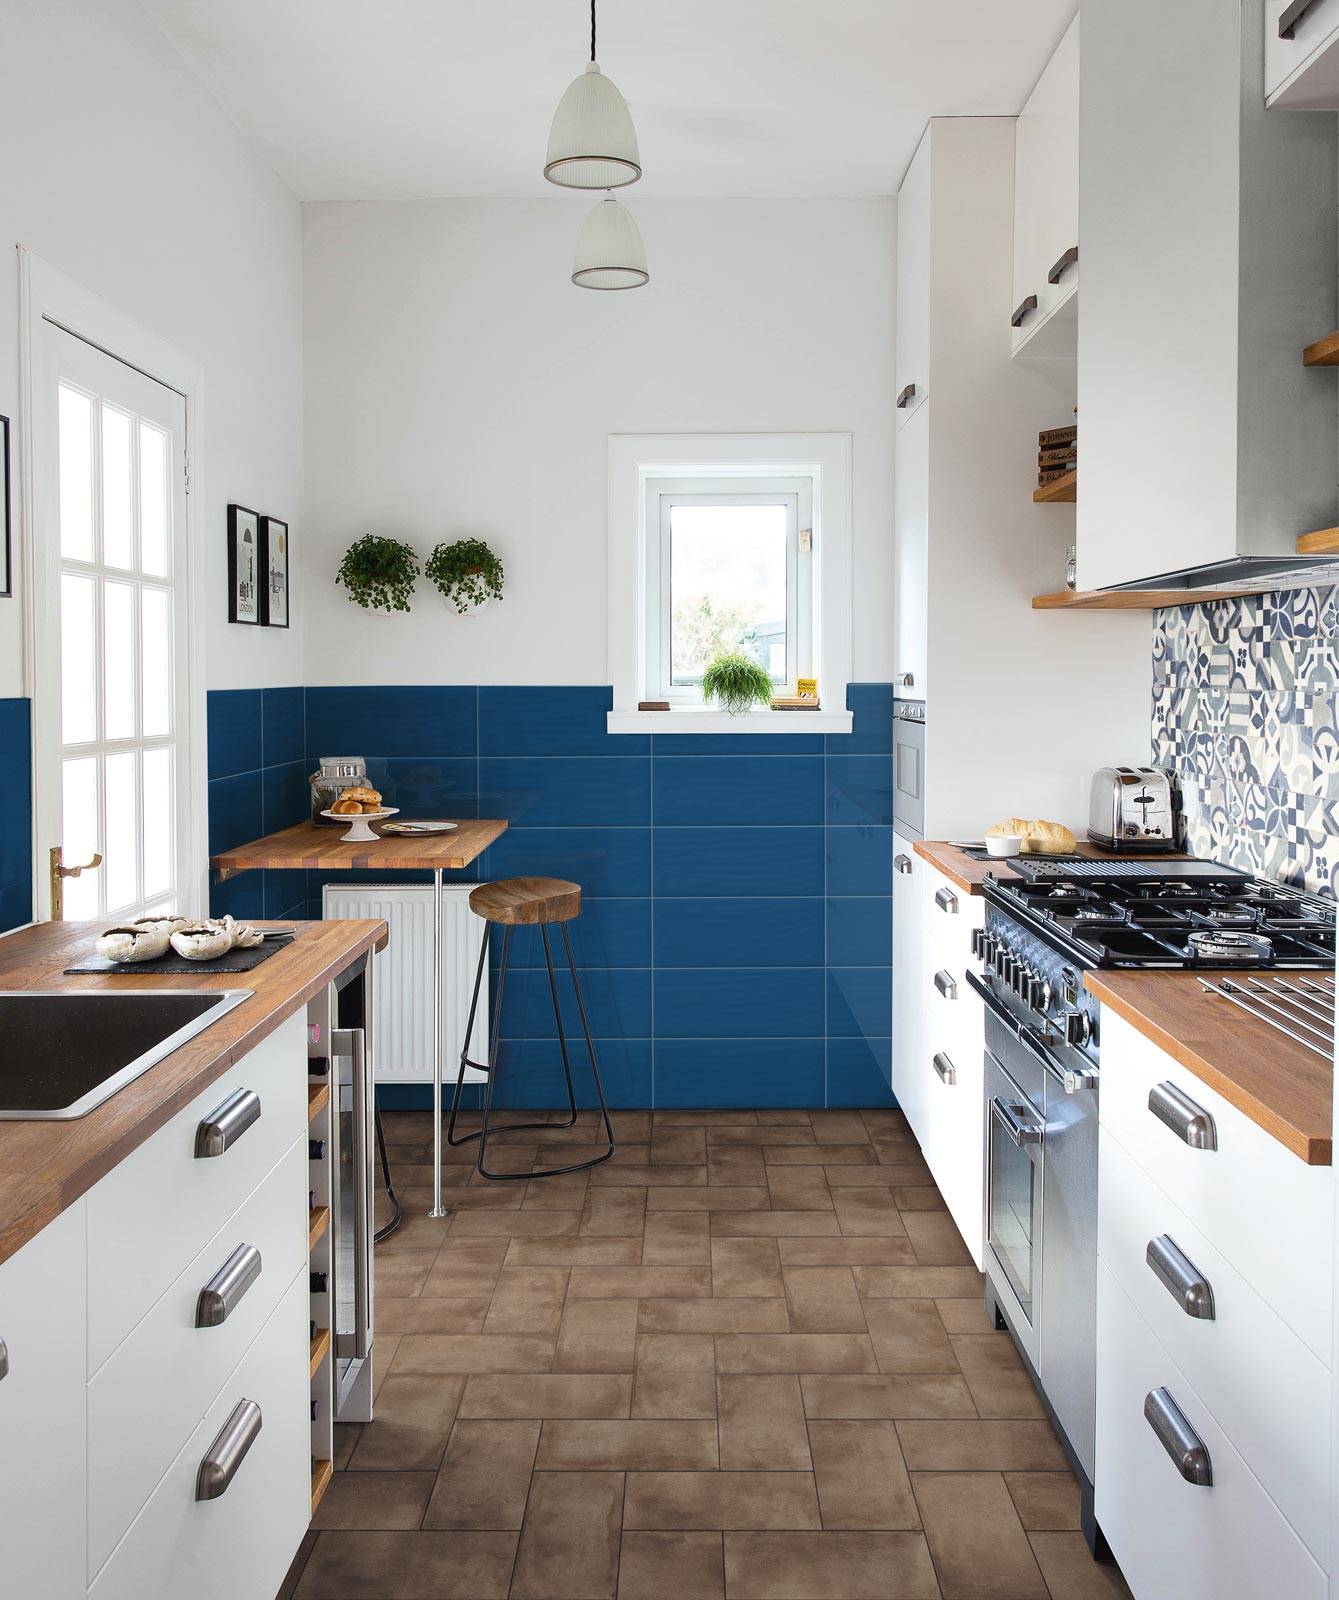 Fliesen küche  Fliesen für die Küche | Marazzi